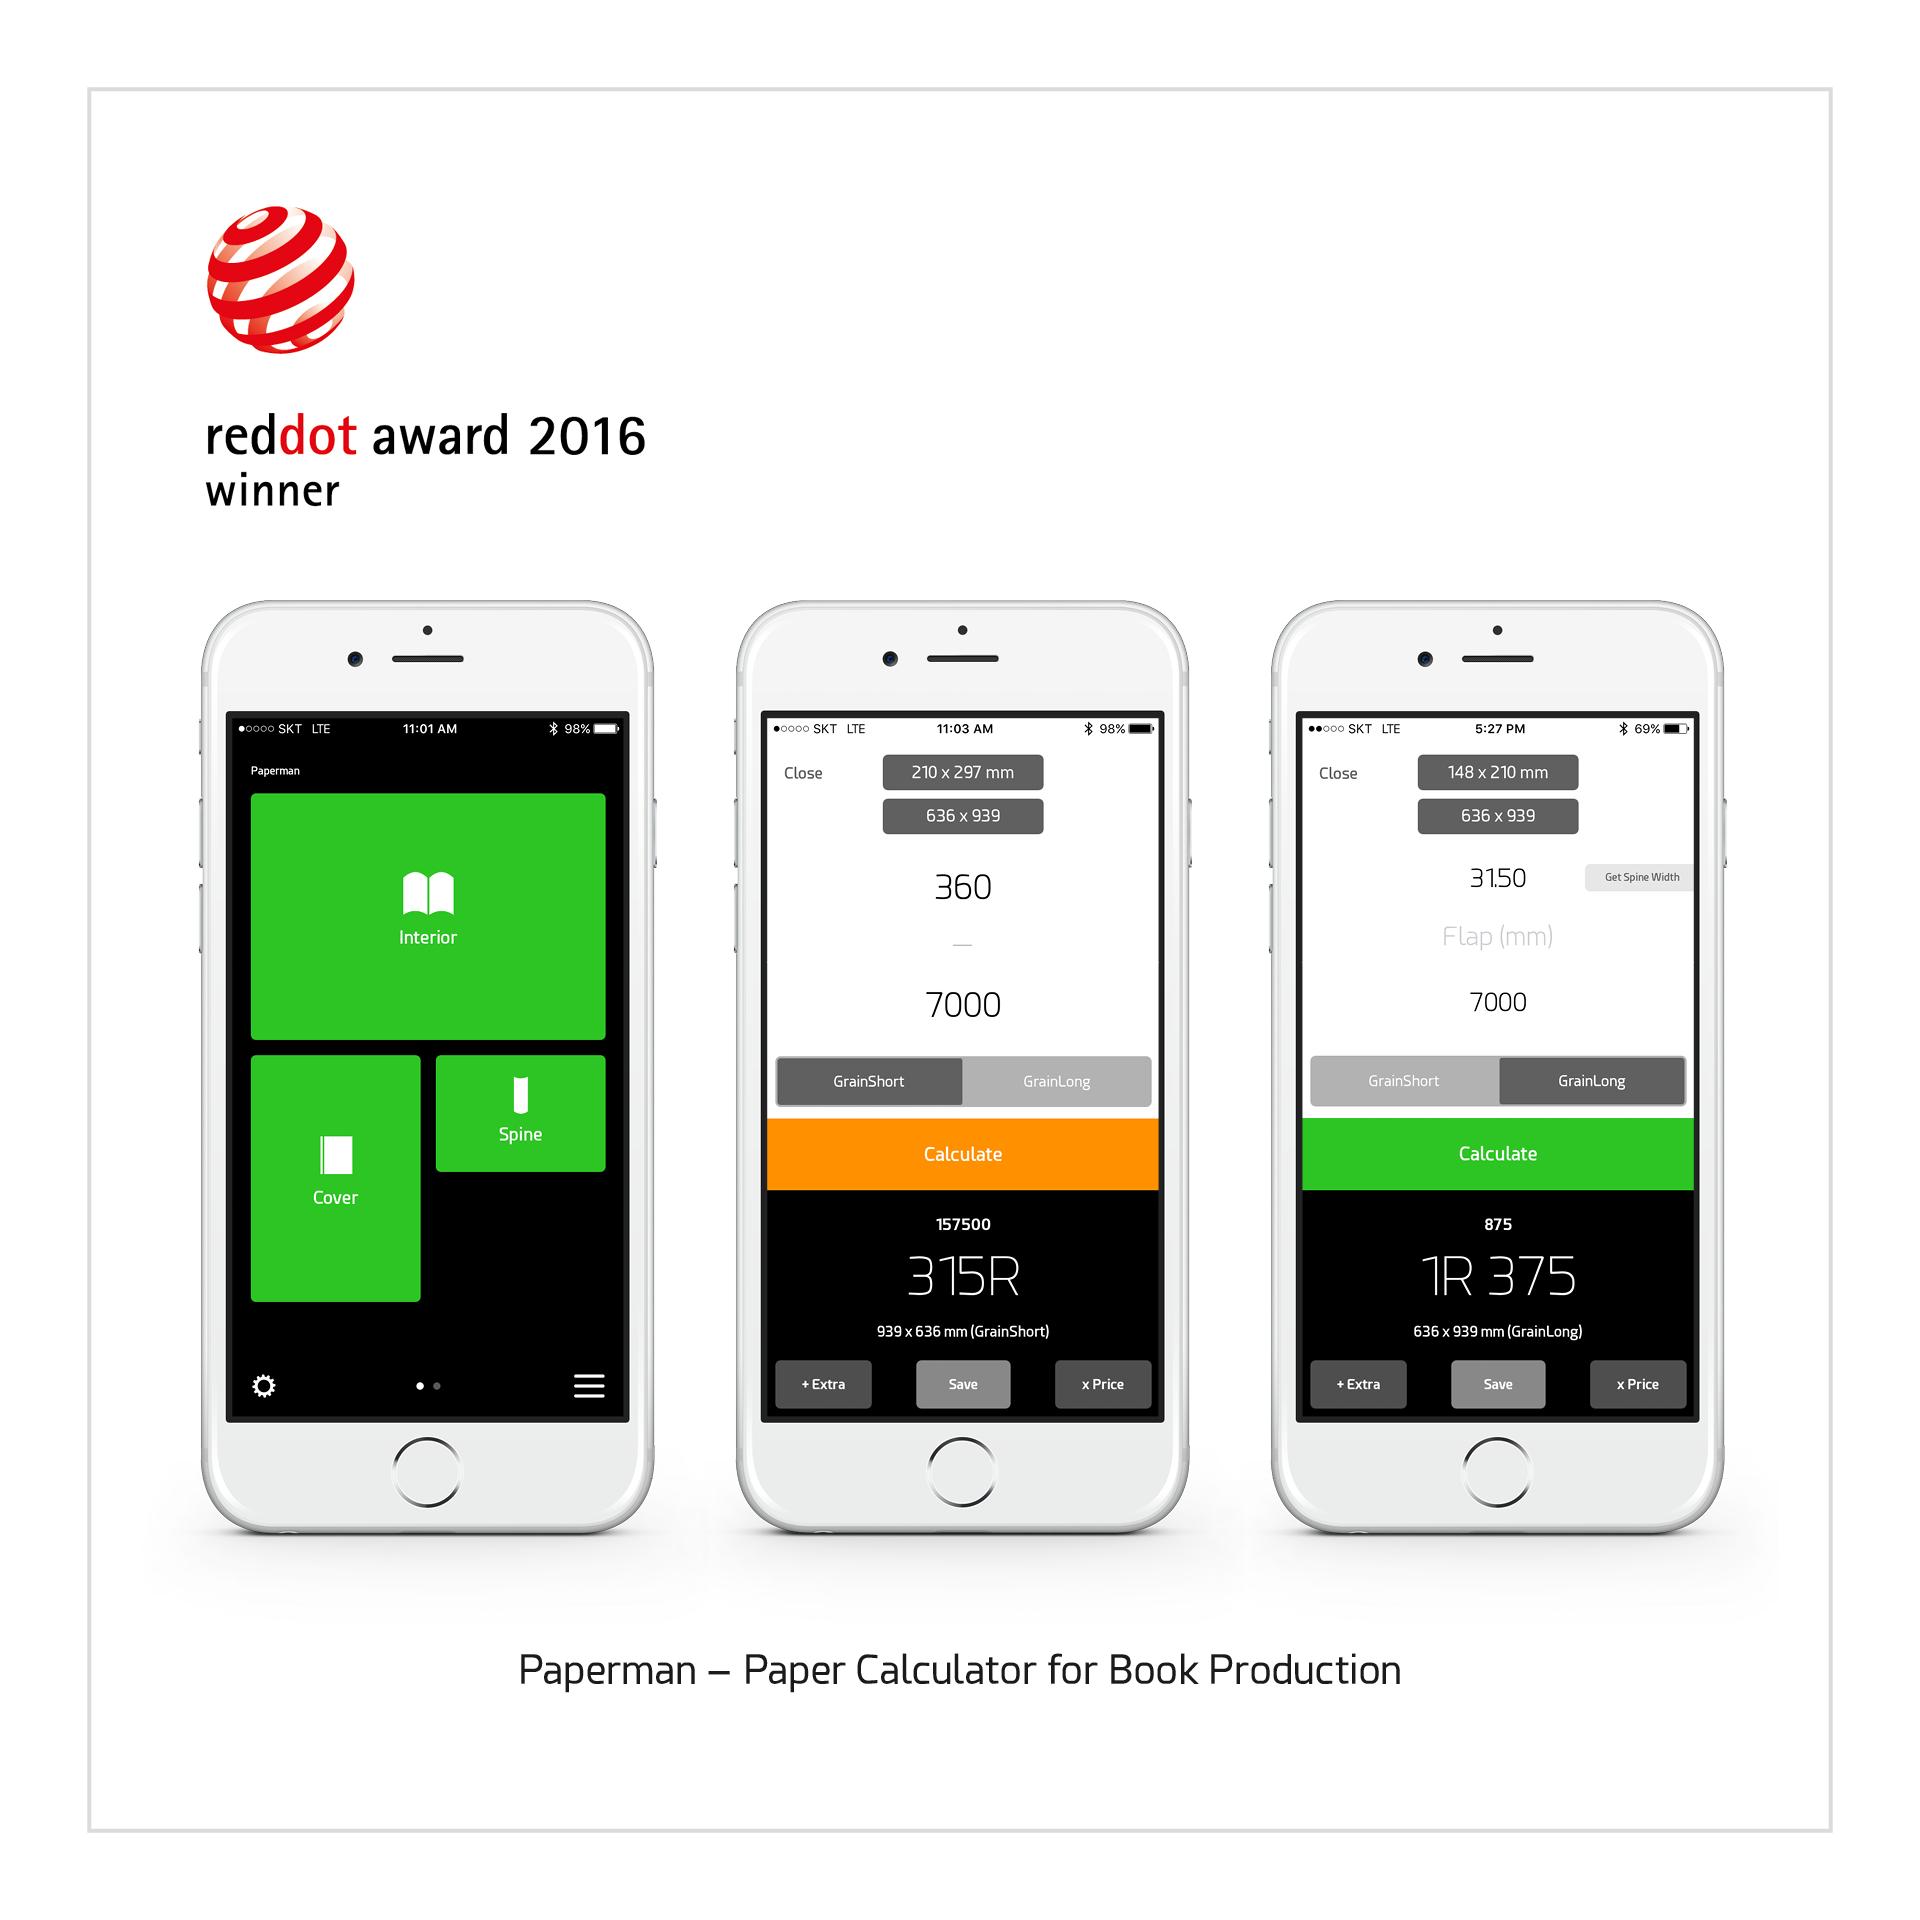 종이양 계산 앱 _paperman_Design : Guho Choi Programming : Guho Choi 디자인 : 최규호 프로그래밍 : 최규호